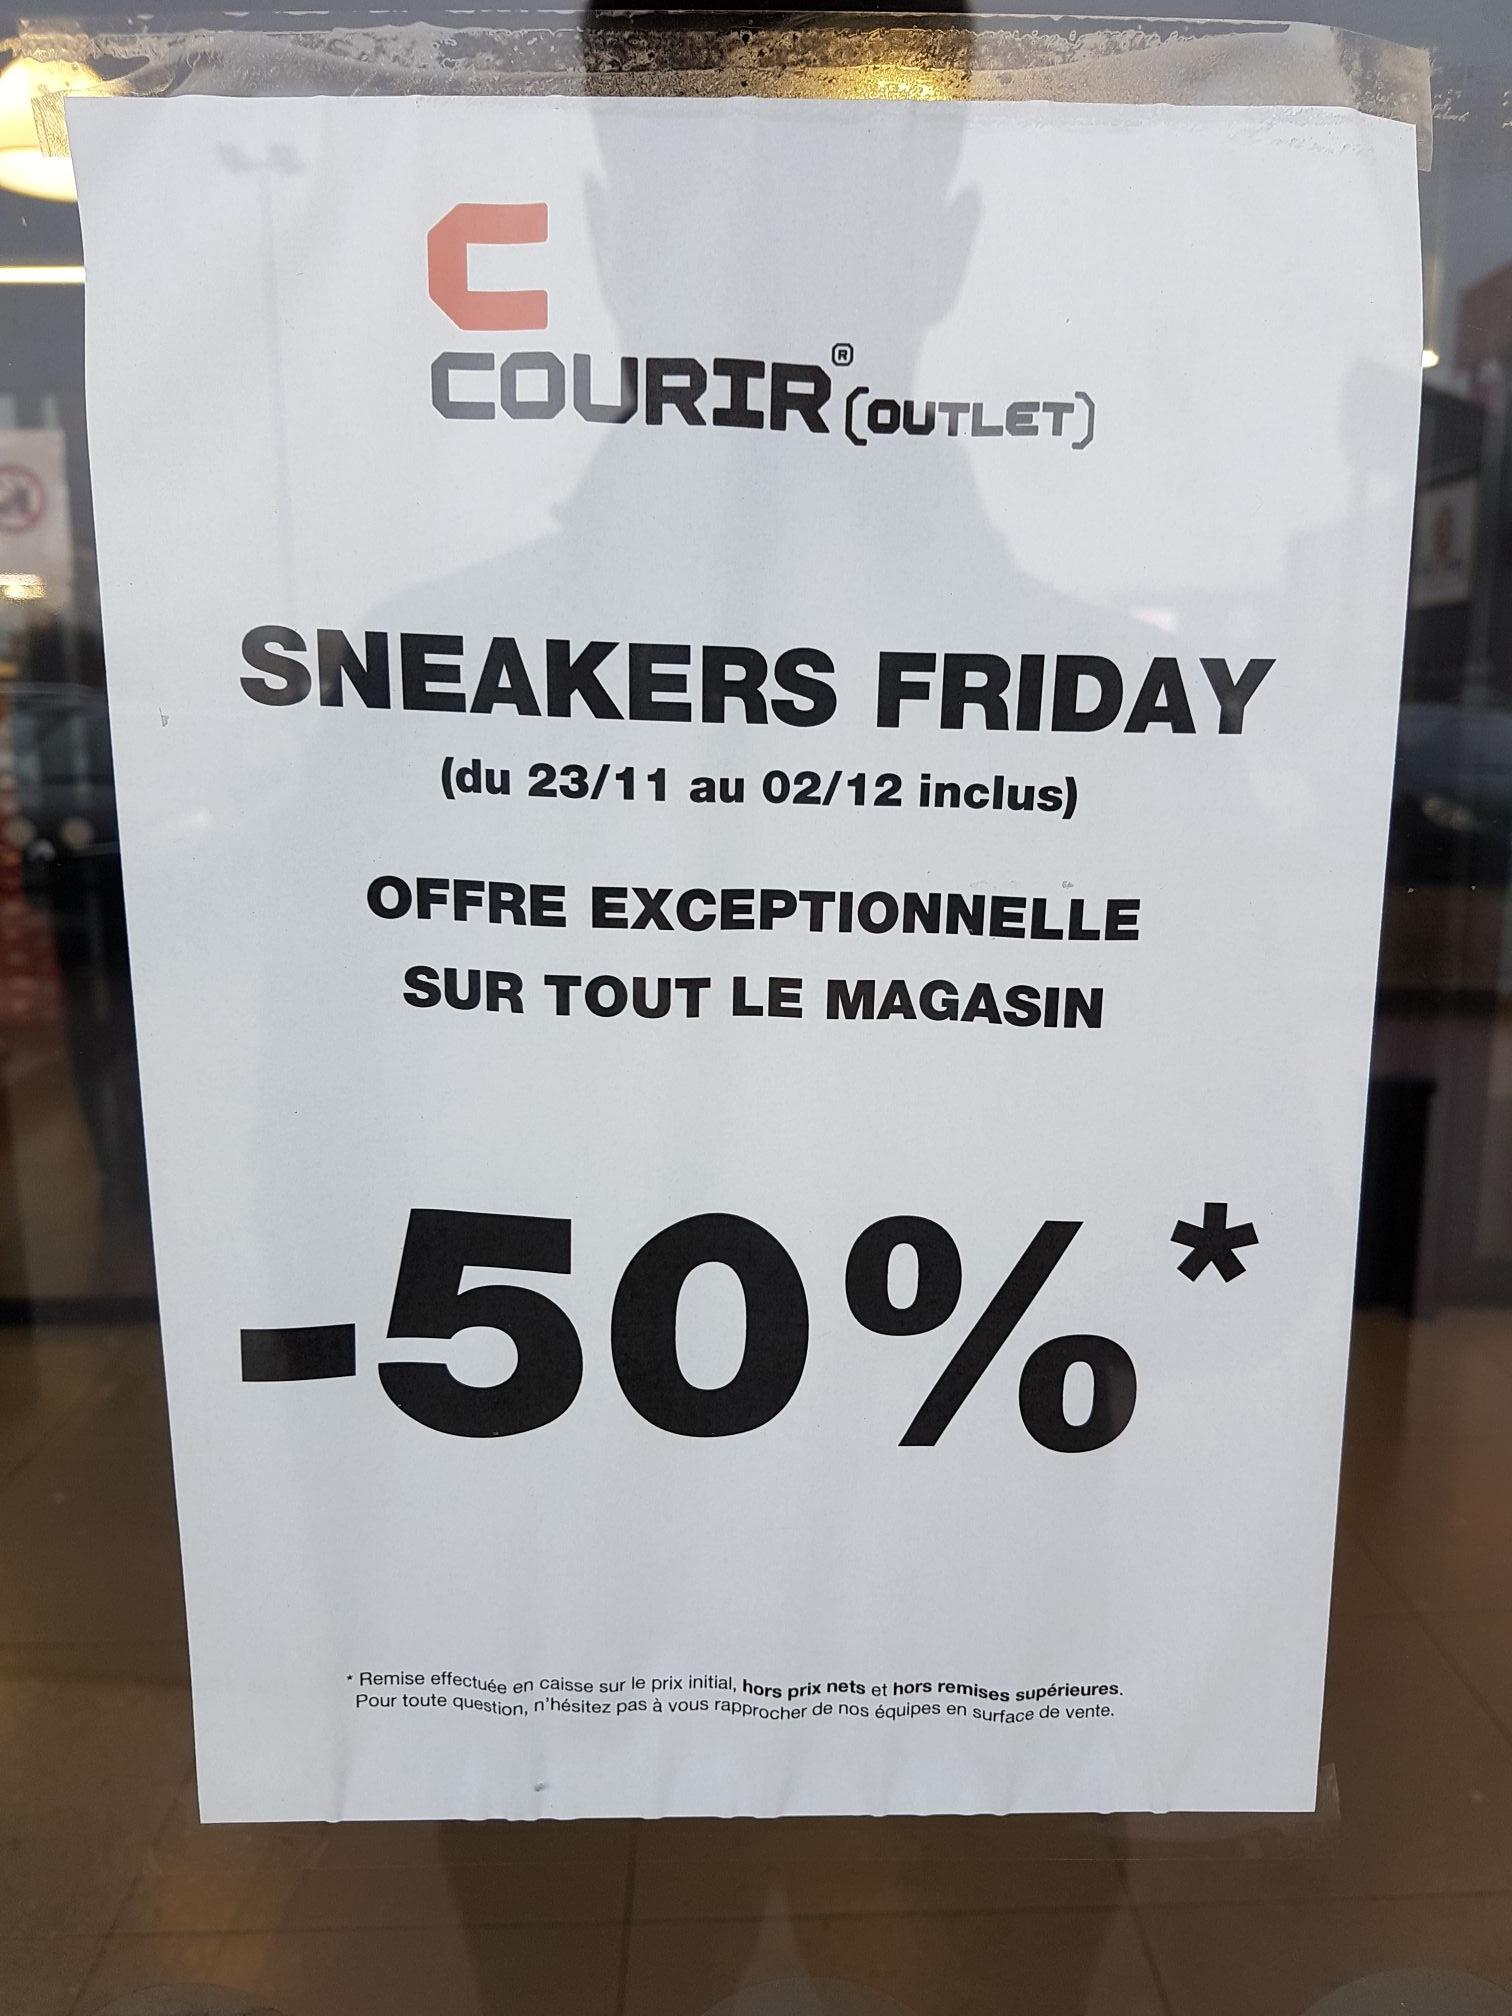 -50% sur tout le magasin Courir Outlet - Sainte Geneviève-des-Bois (91) / Pantin (93) / Gonesse (95)